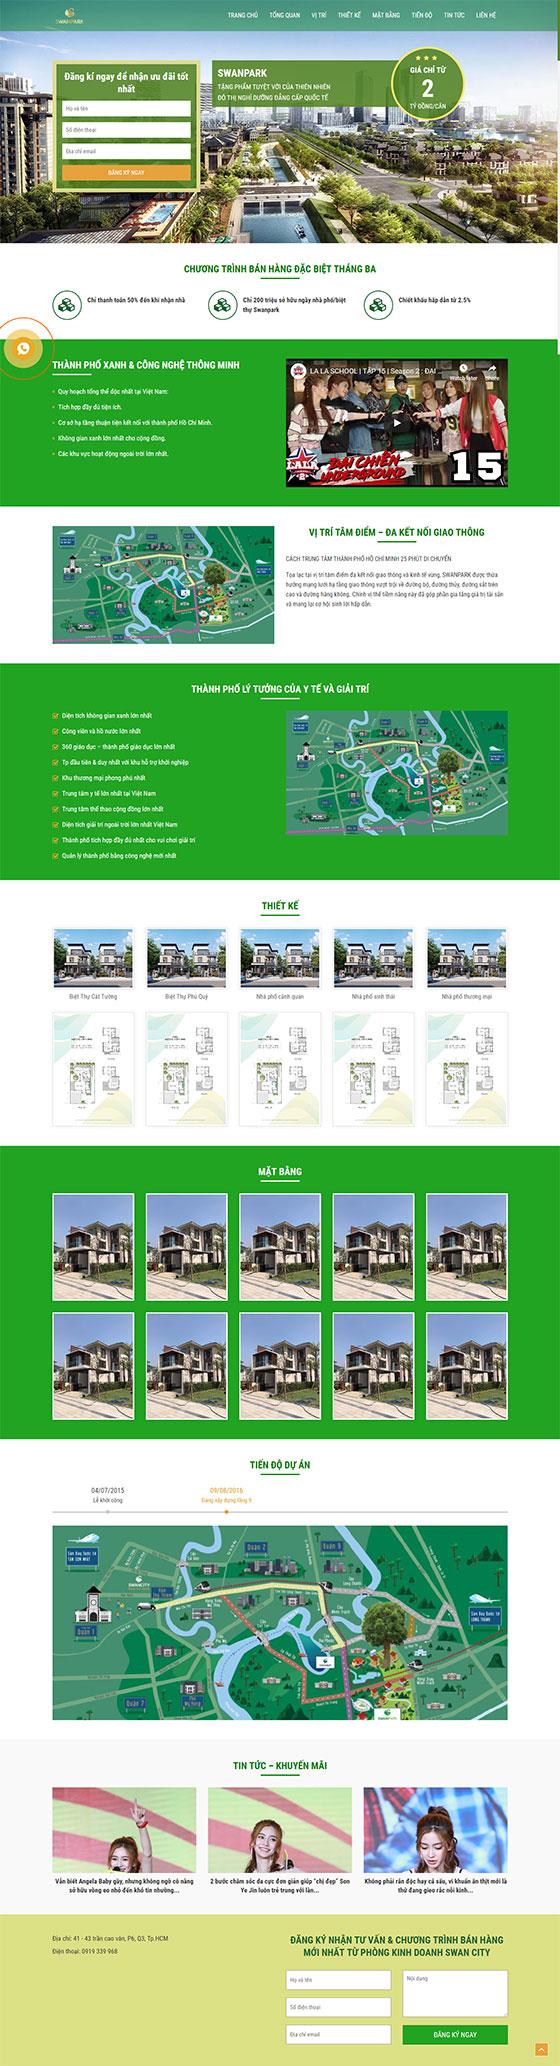 Trang chủ mẫu landing page bất động sản 01